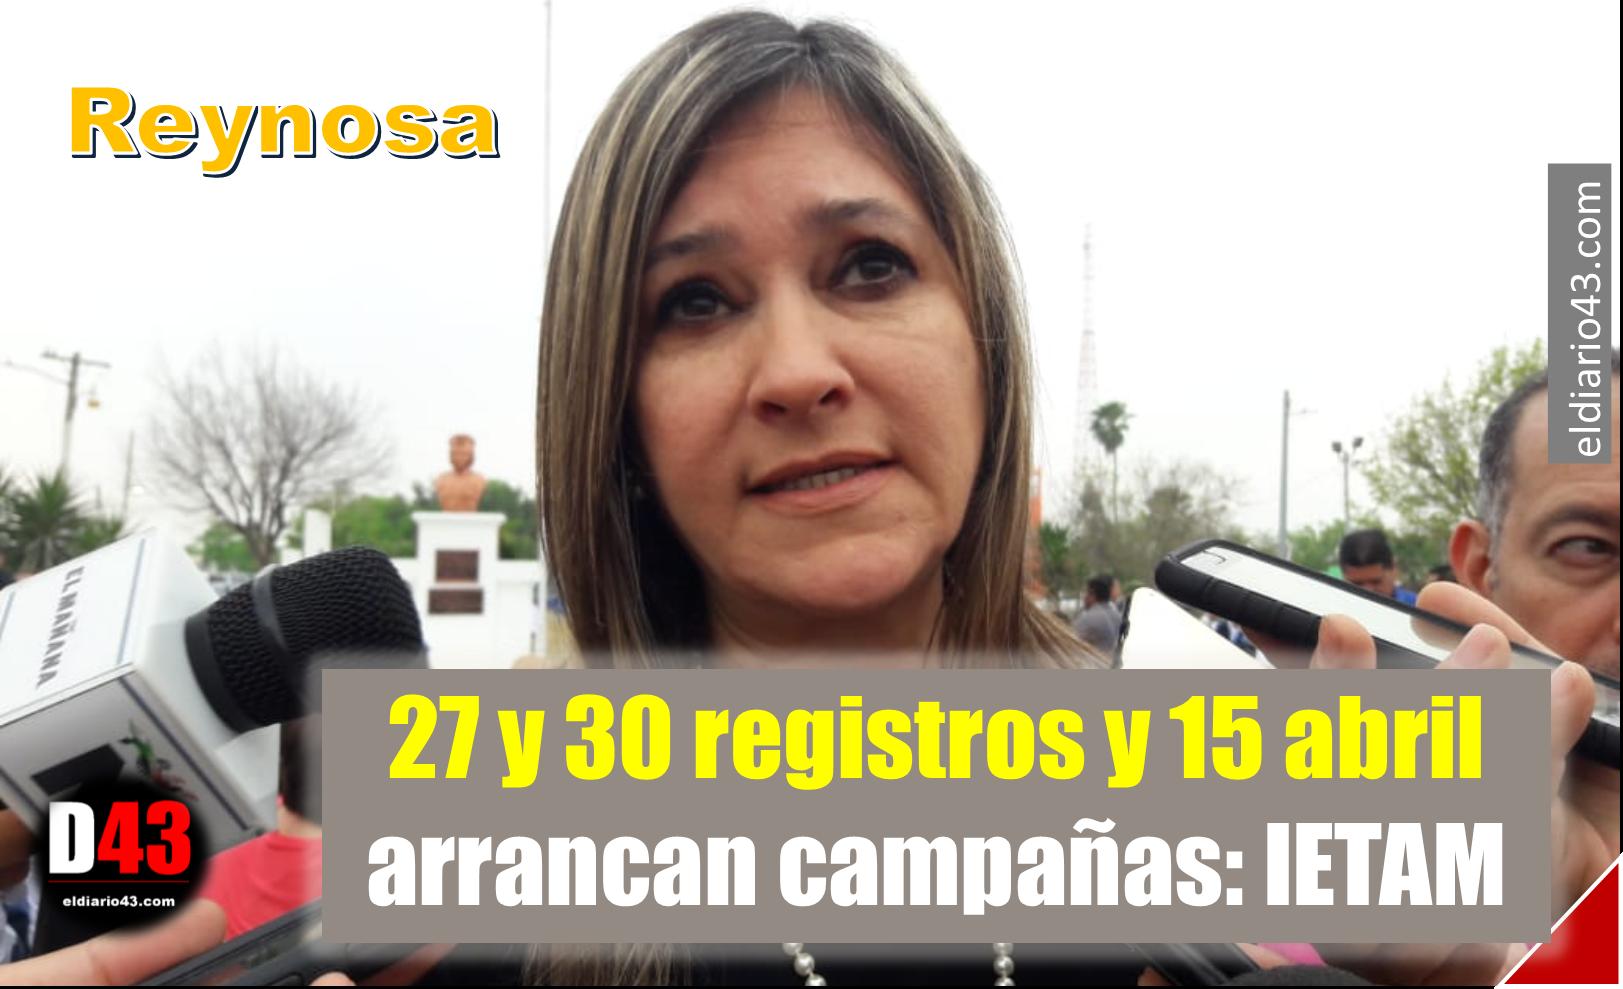 IETAM sorteará bastidores a partidos políticos en Reynosa